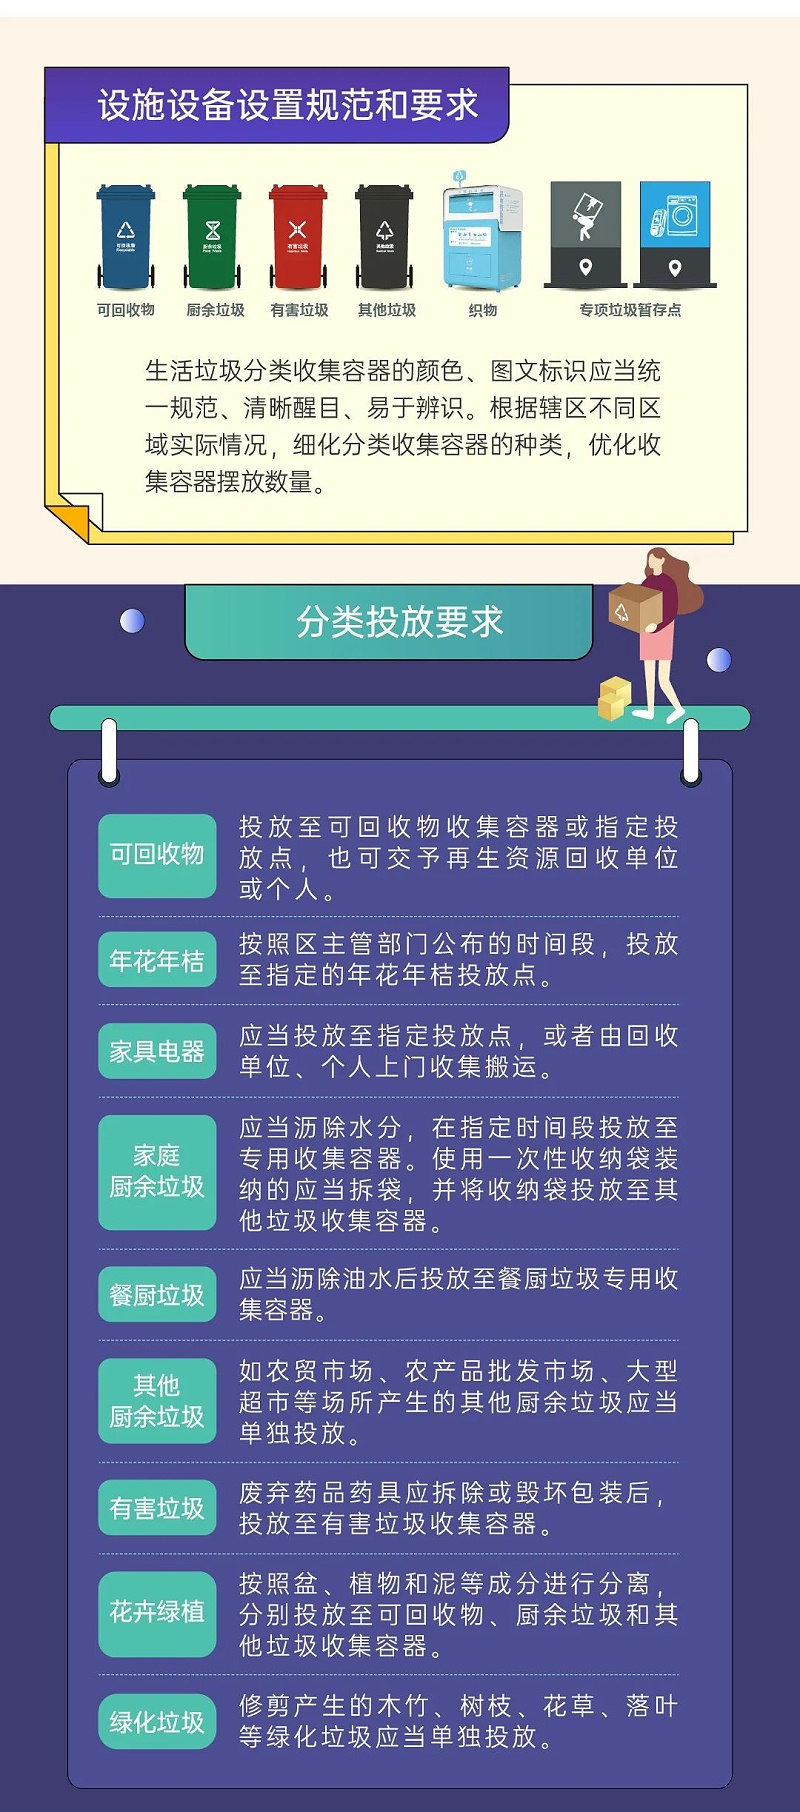 3深圳市生活垃圾分类管理条例正式实施-玉龙环保